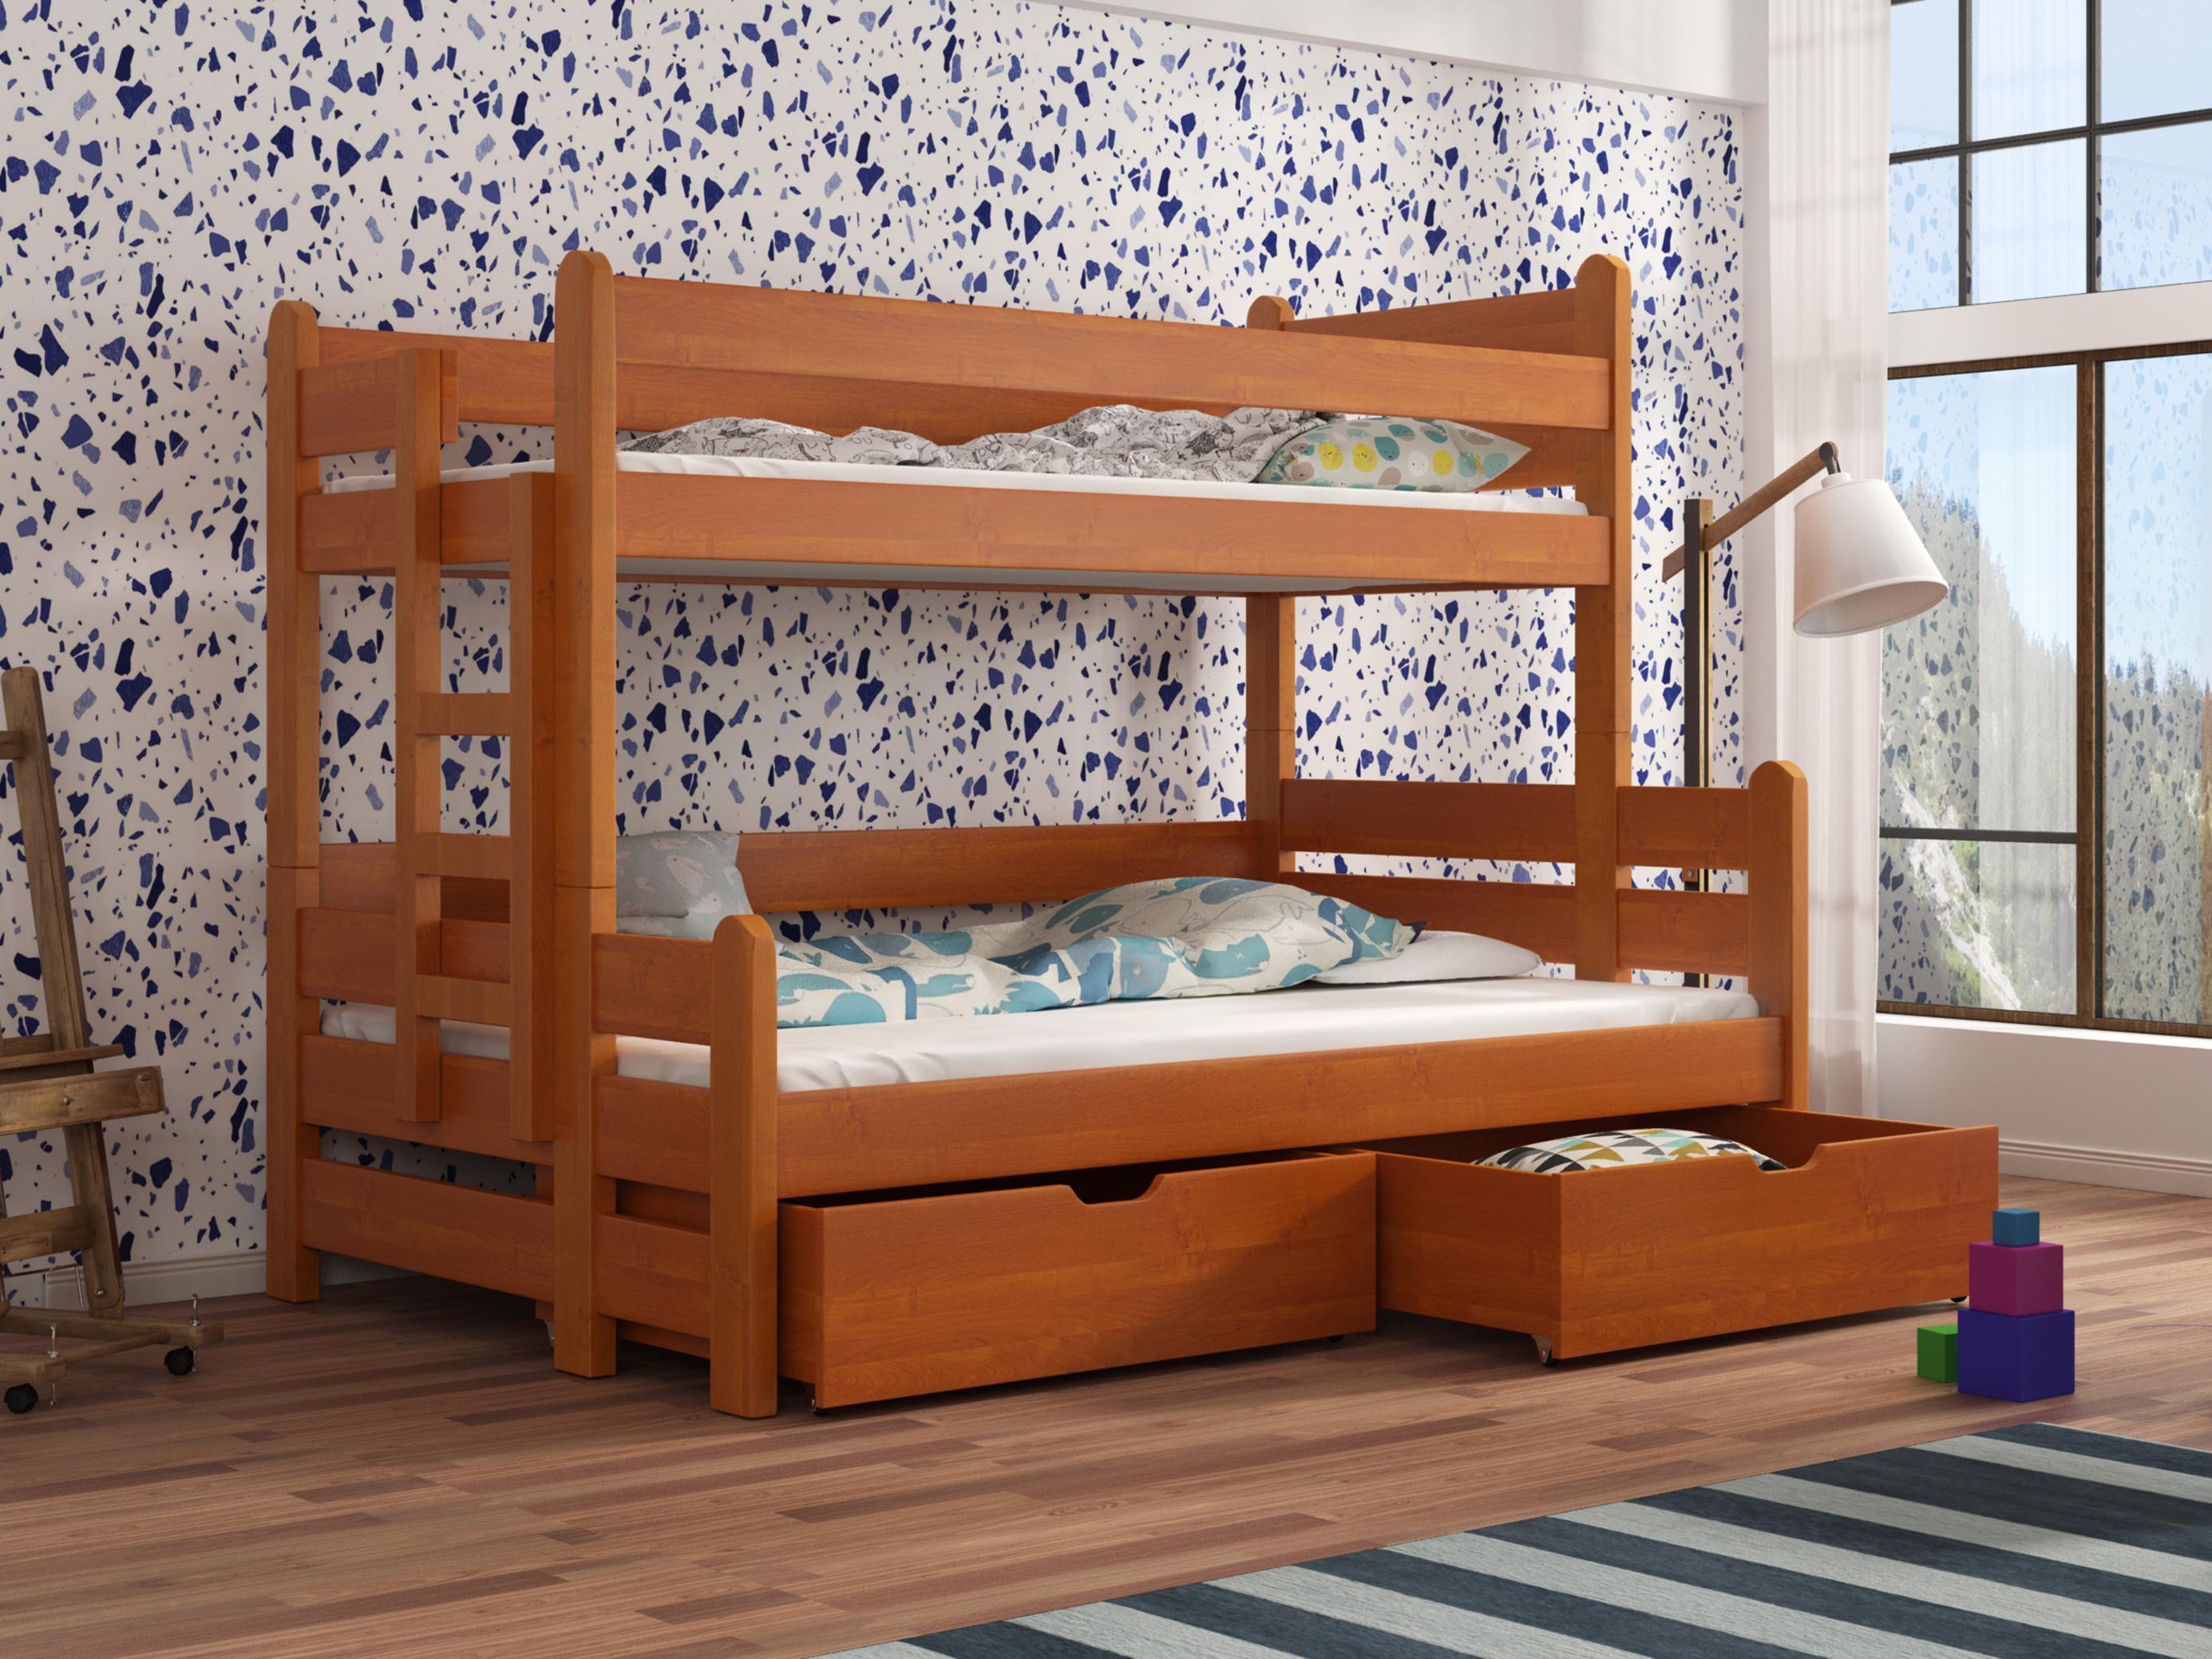 Dětská patrová postel 90 cm - Bivi (olše)